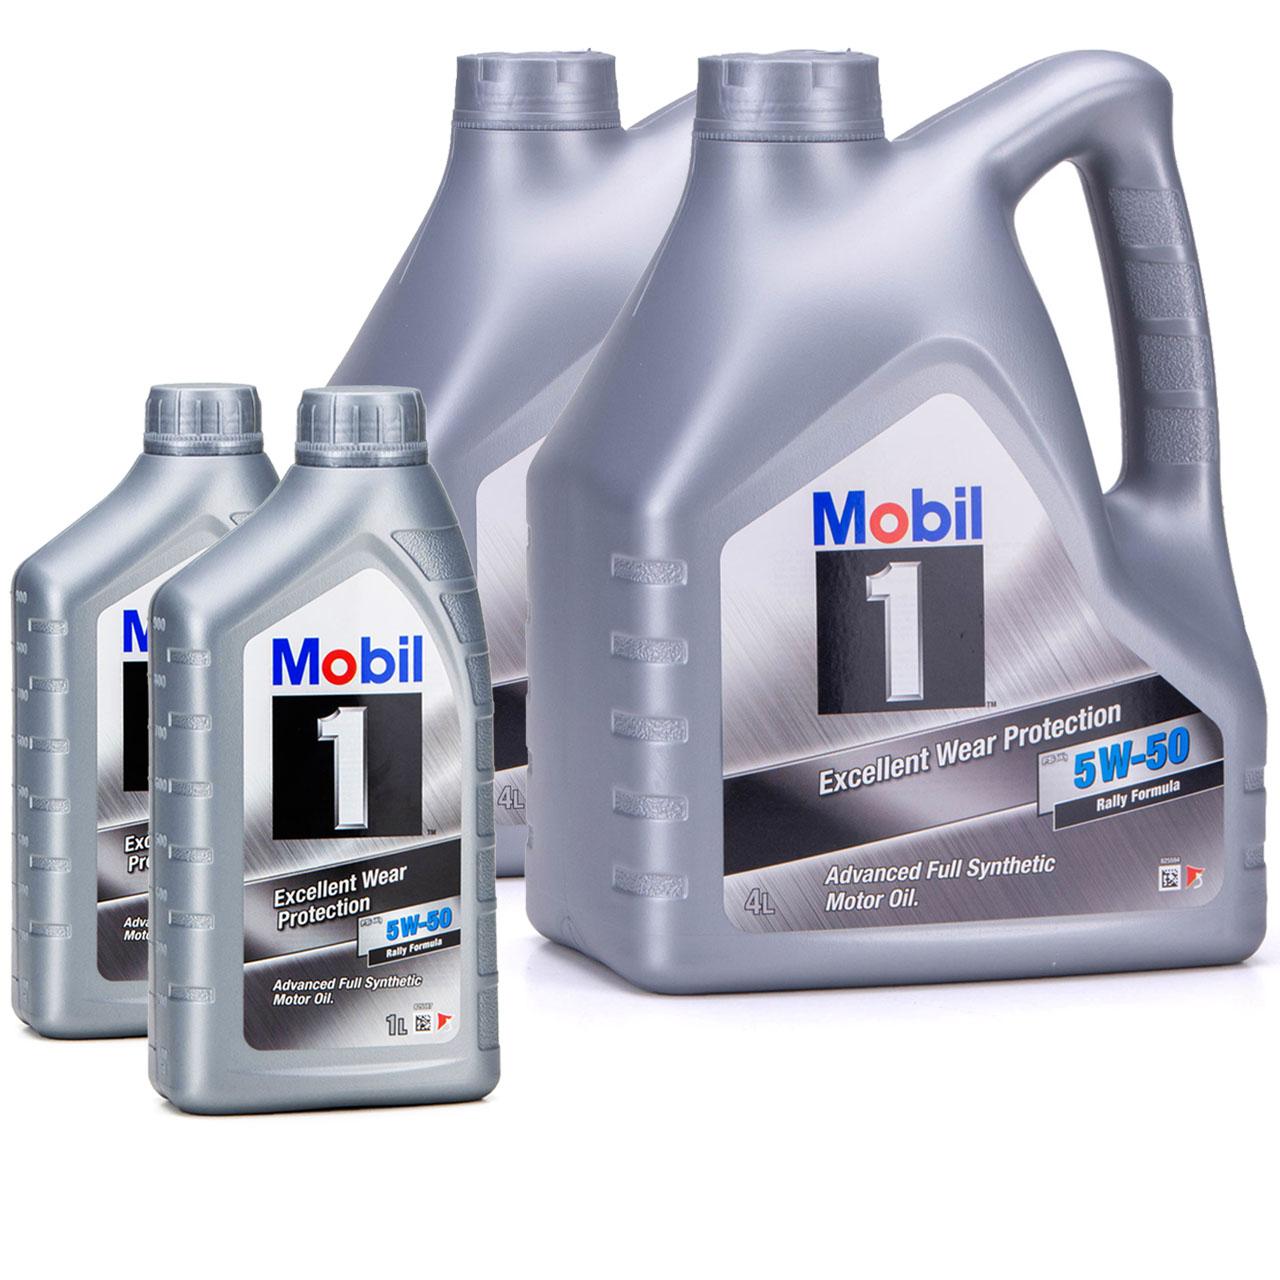 Mobil 1 FS X1 Motoröl Öl 5W-50 5W50 PORSCHE A40 MB 229.3 / 229.1 - 10L 10 Liter